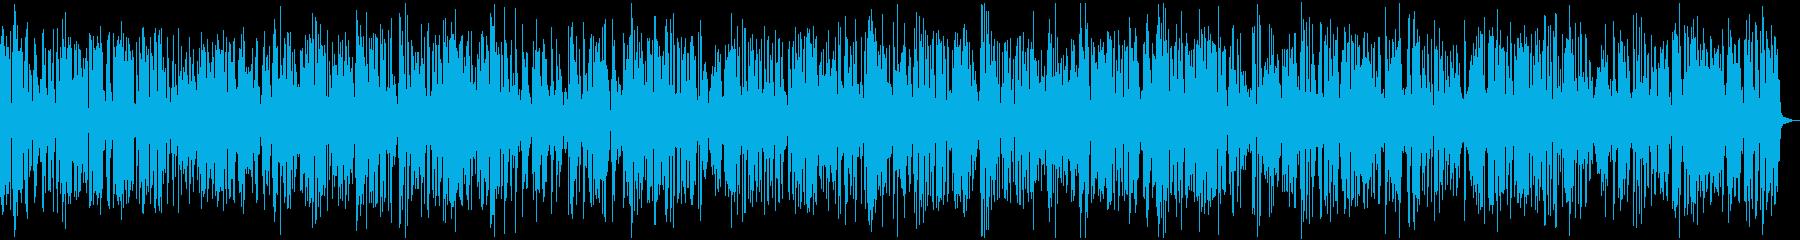 カフェBGMおしゃれなジャズピアノの再生済みの波形